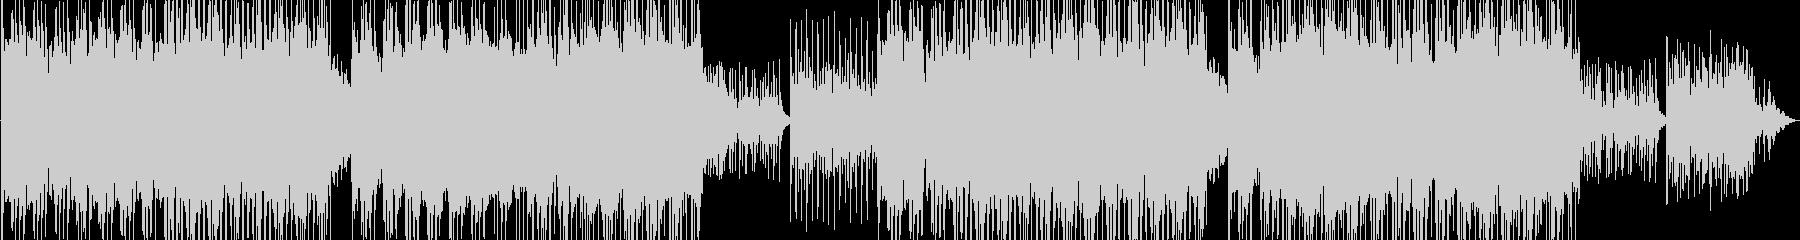 フルートが軽やかに奏でるレトロ風サウンドの未再生の波形